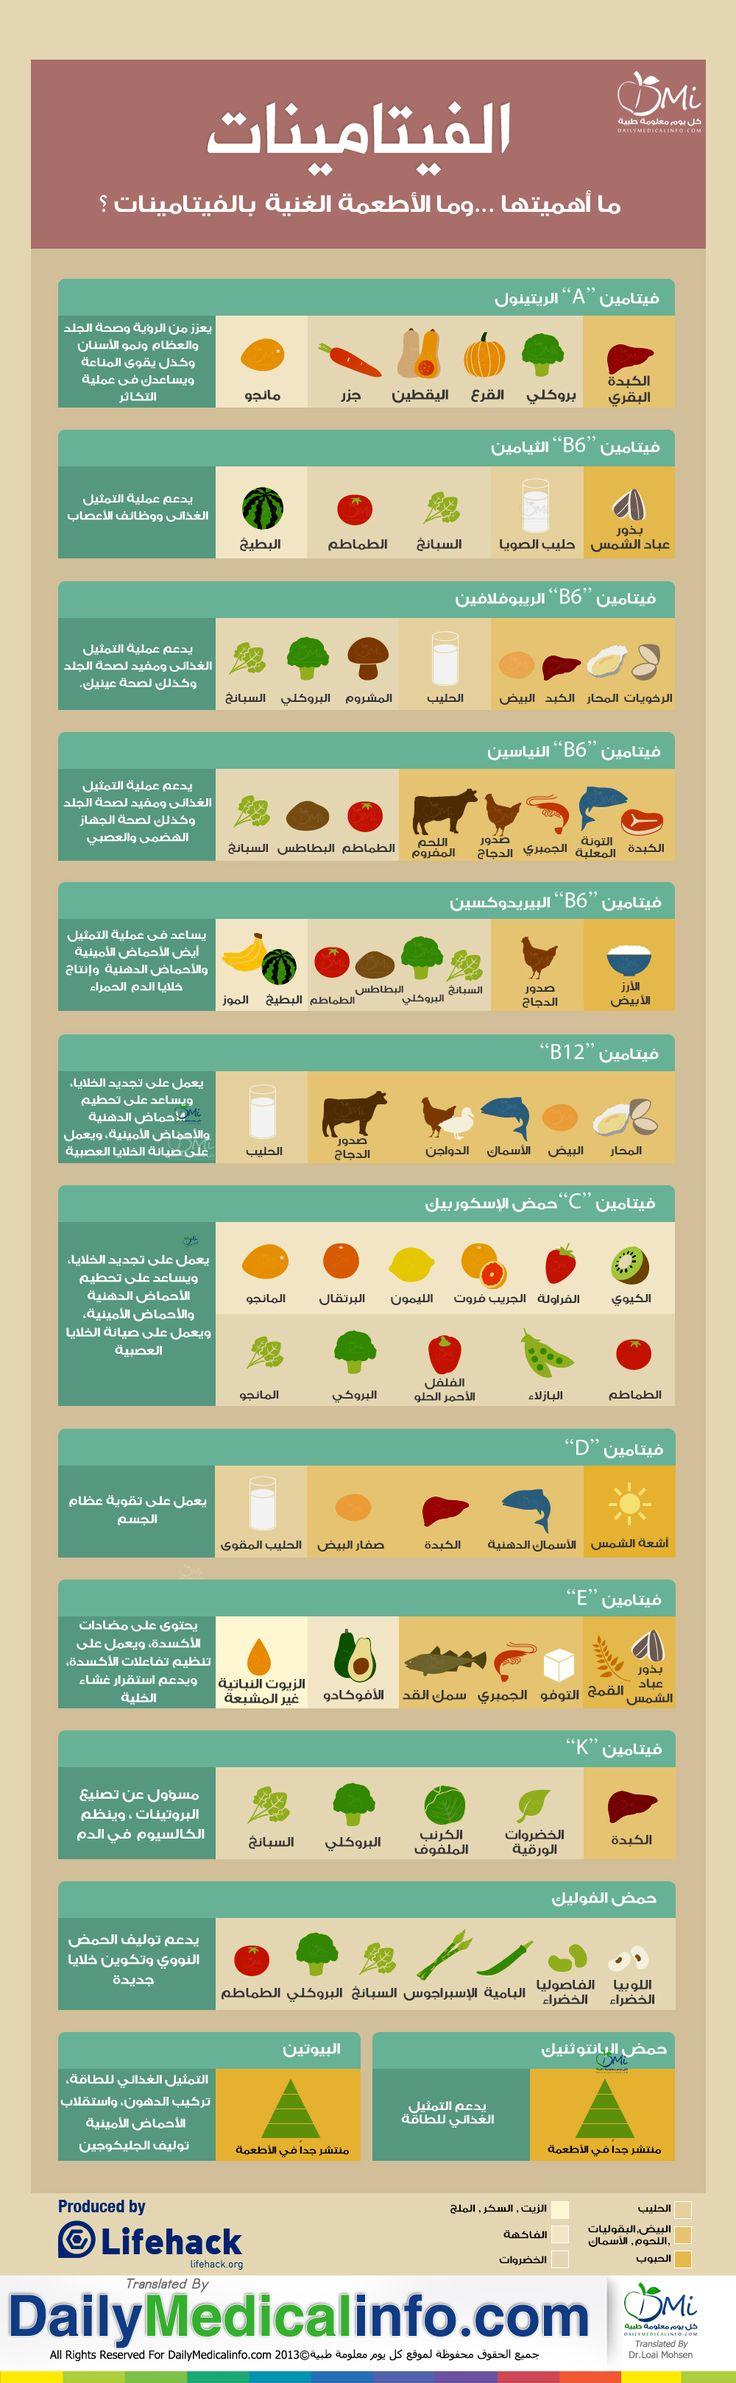 انفوجرافيك | الفيتامينات أهميتها ... وما الأطعمة الغنية بها....؟